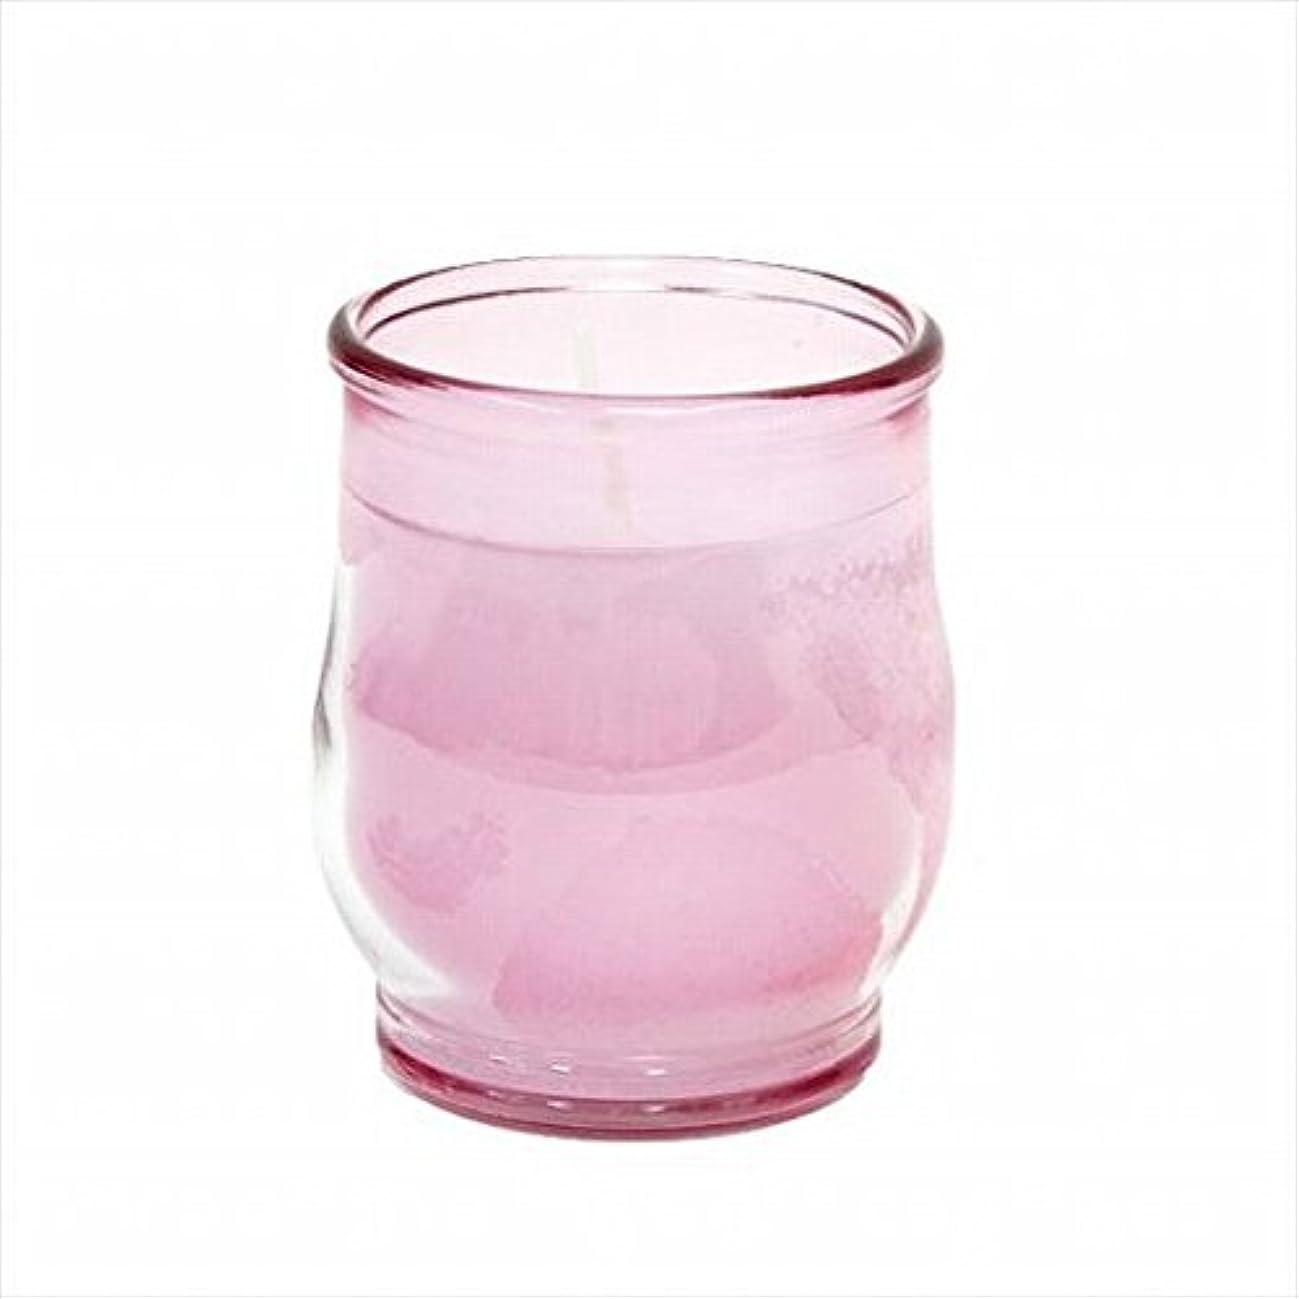 刺す断言するフリースkameyama candle(カメヤマキャンドル) ポシェ(非常用コップローソク) 「 ピンク(ライトカラー) 」 キャンドル 68x68x80mm (73020030P)